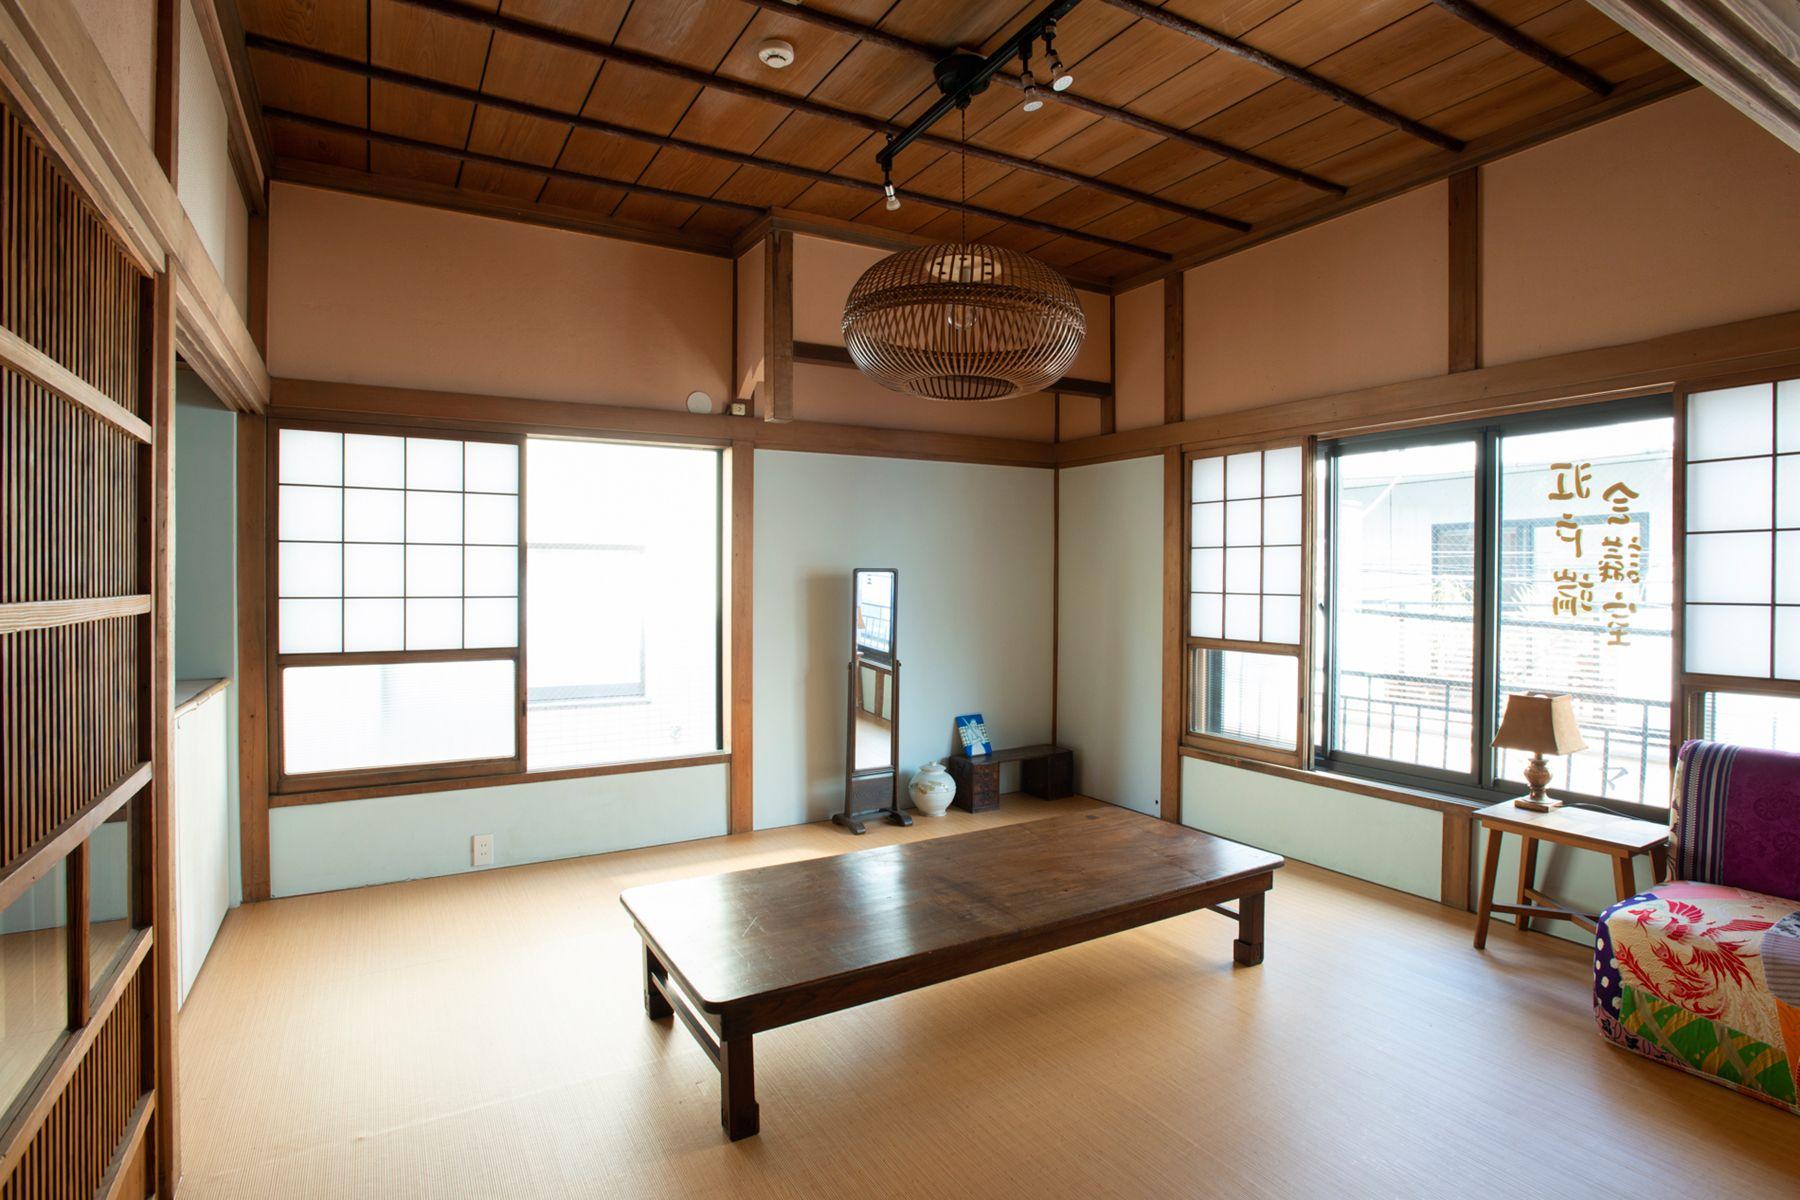 江戸端会議室 (エドバタカイギシツ)L字窓のある和室(8畳)